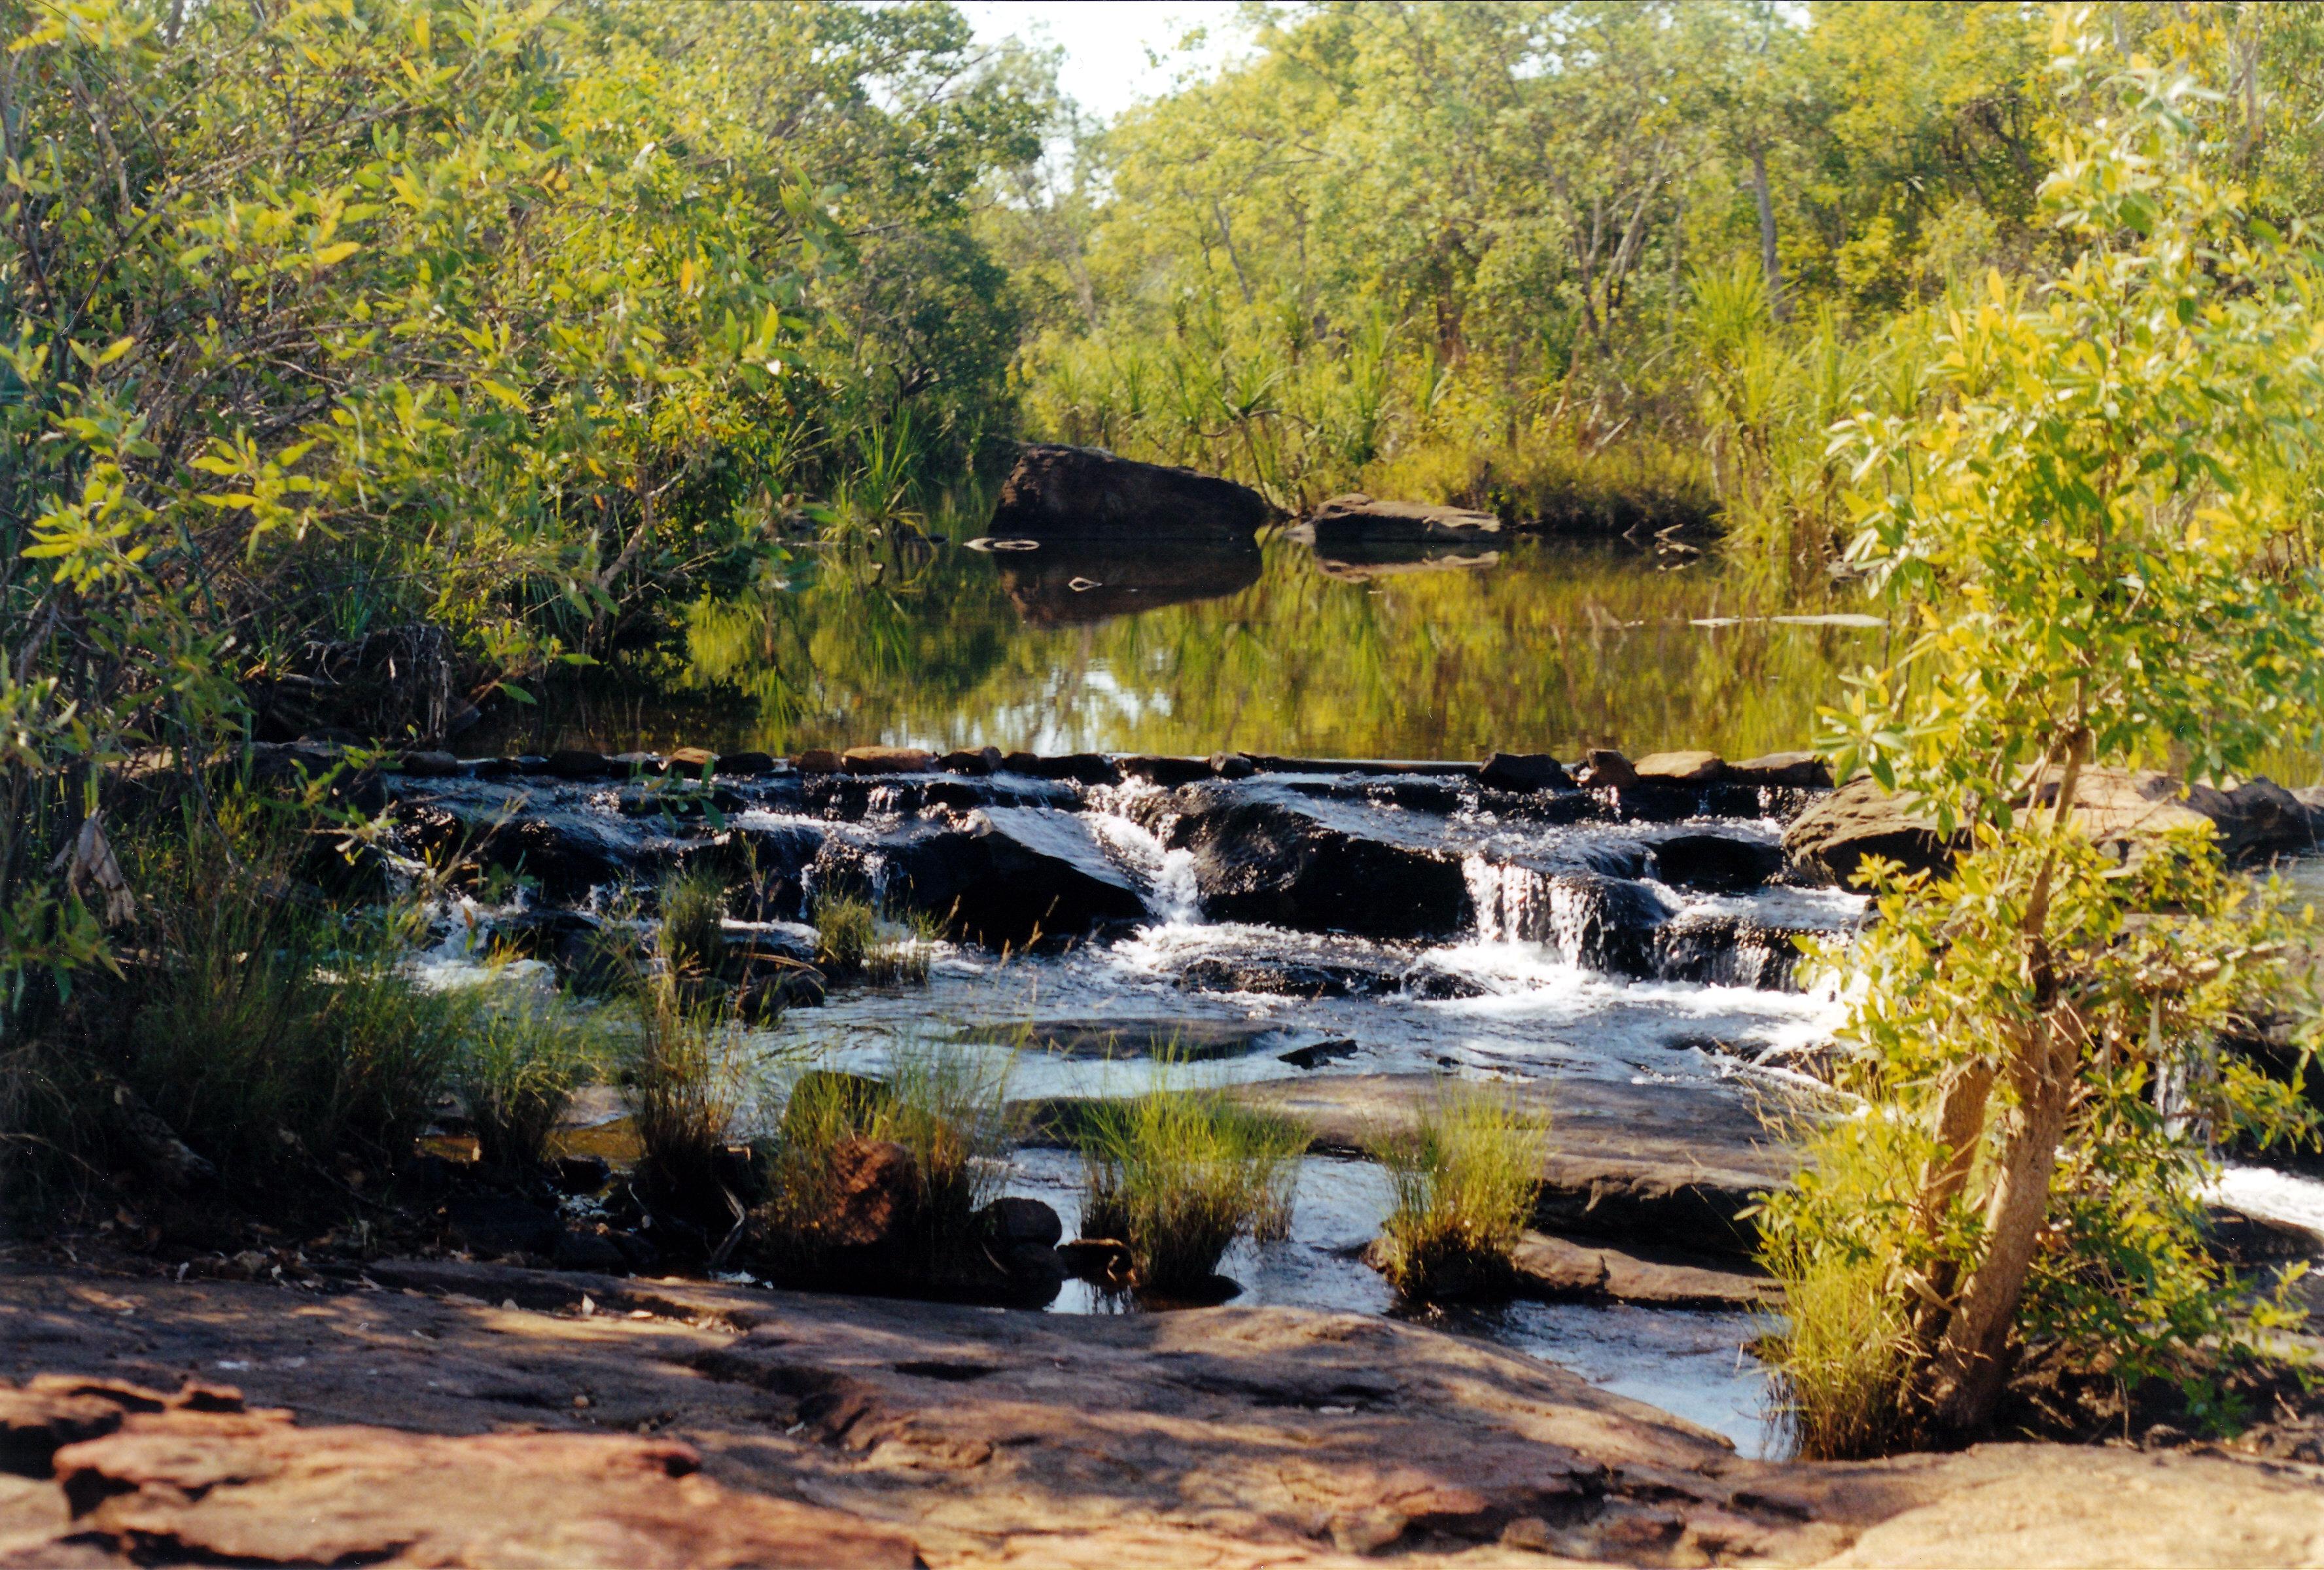 08-06-2000 02 rapids little martens falls.jpg